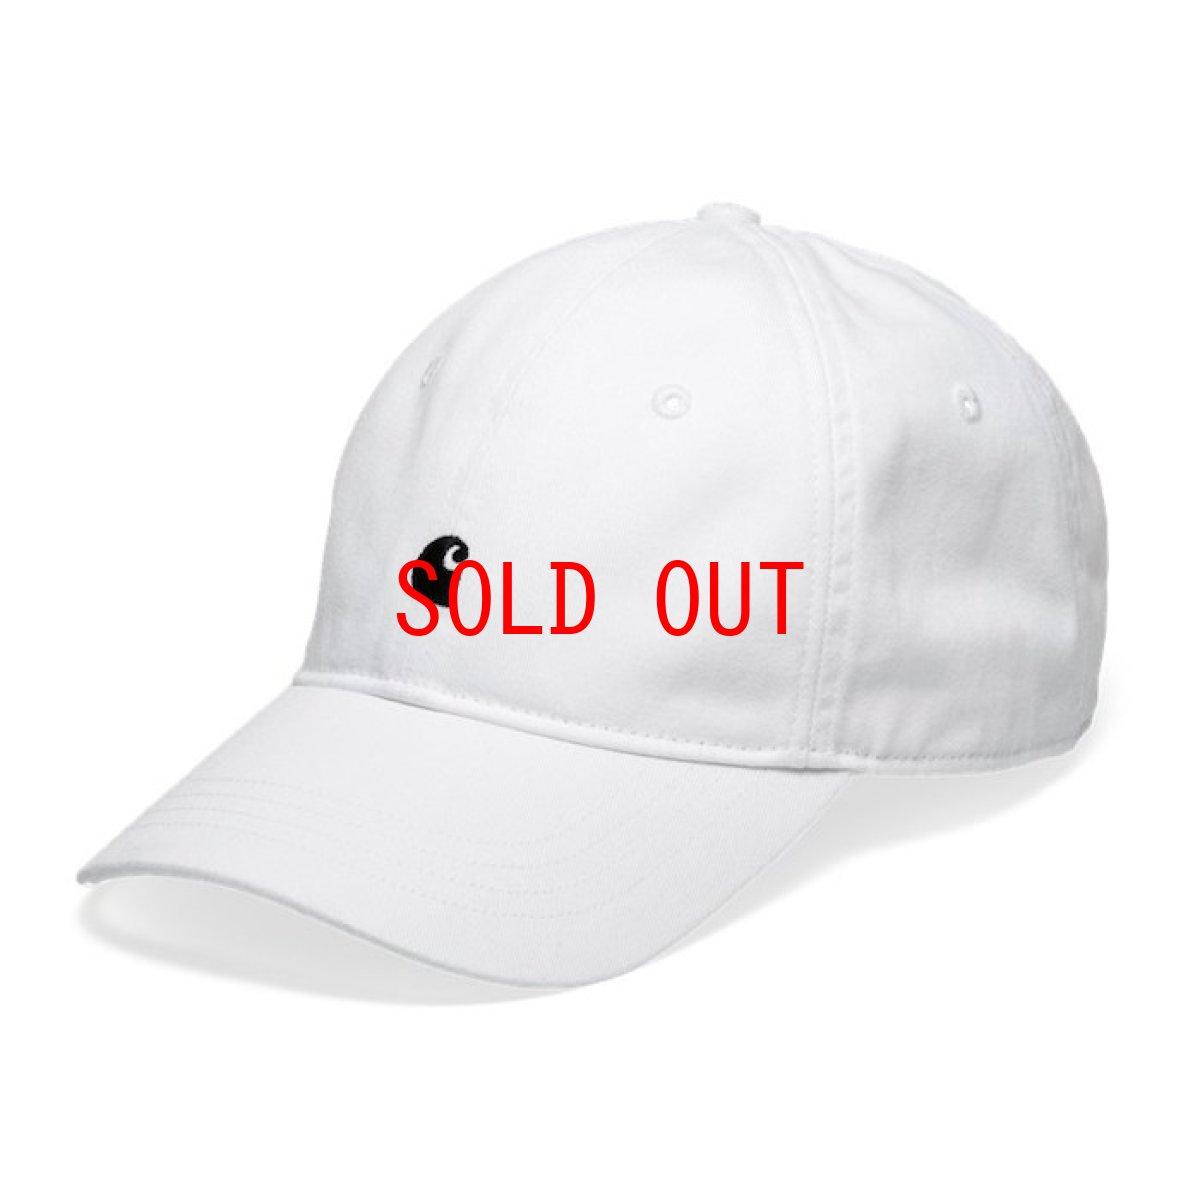 画像1: Carhartt WIP(カーハート ワークインプログレス) Madison Logo Cap White Green Black Beige ロゴ パネル キャップ 帽子 (1)